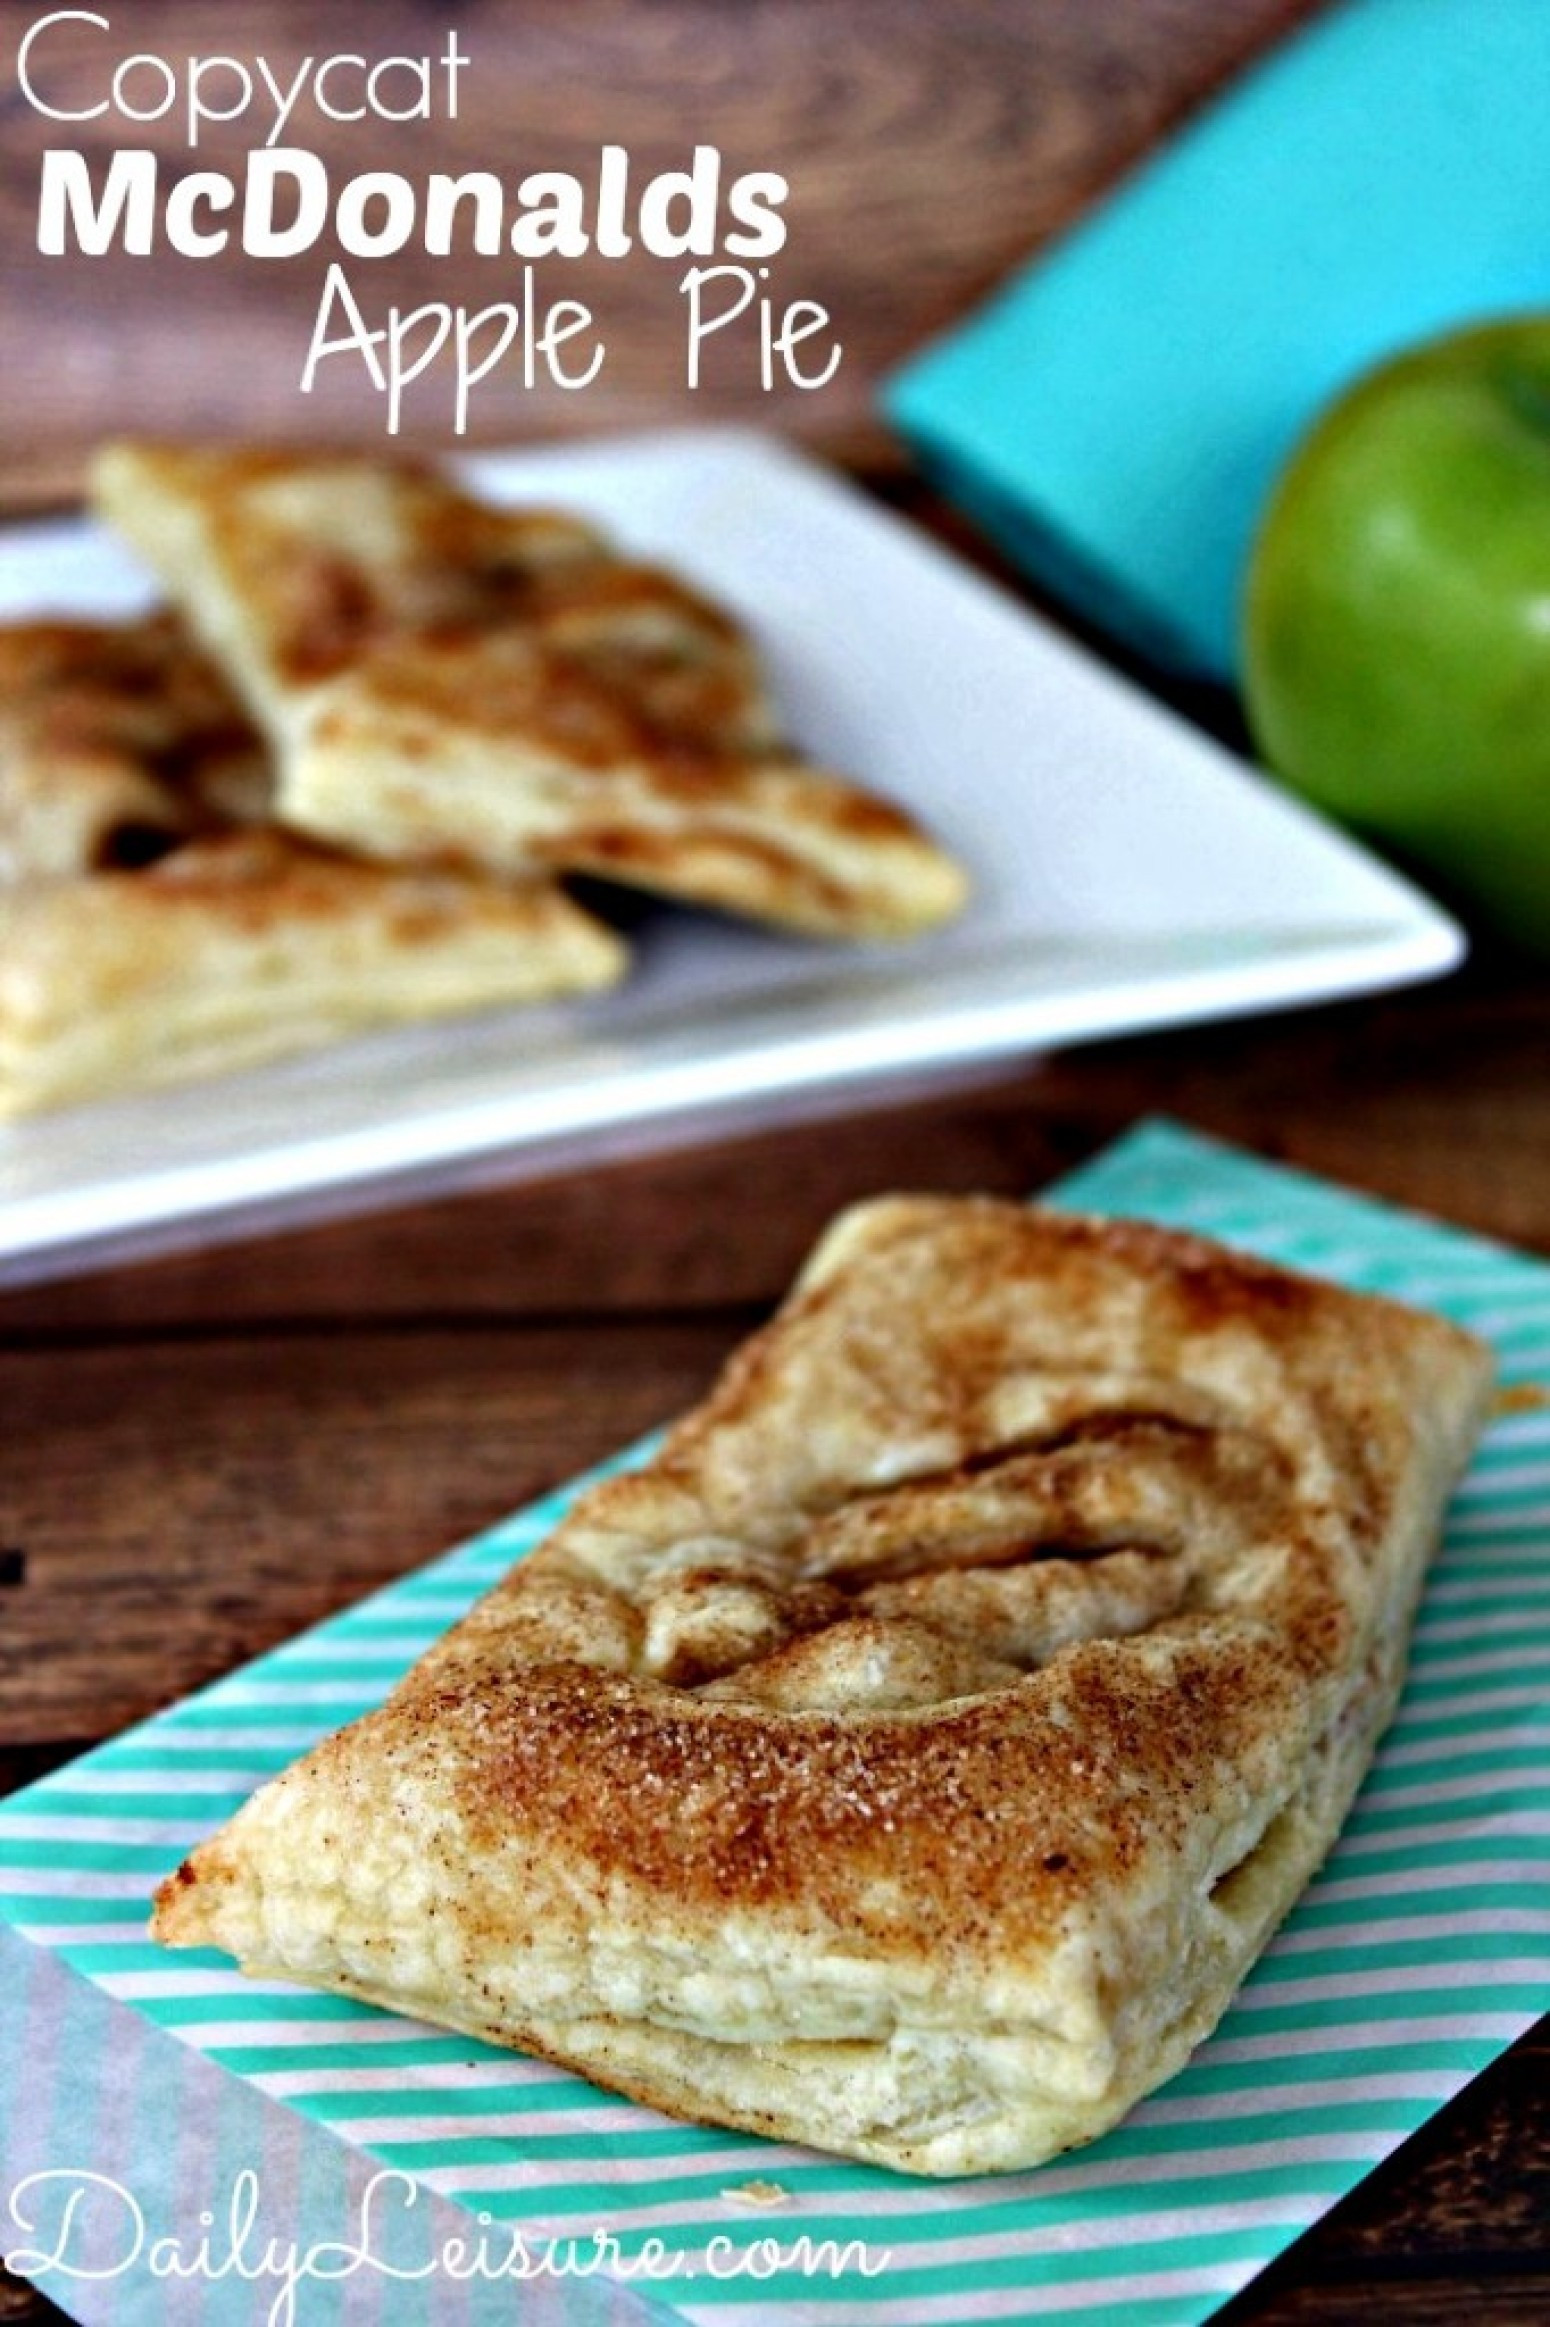 Mcdonalds Apple Pie Ingredients  Copycat McDonalds Apple Pie Recipe